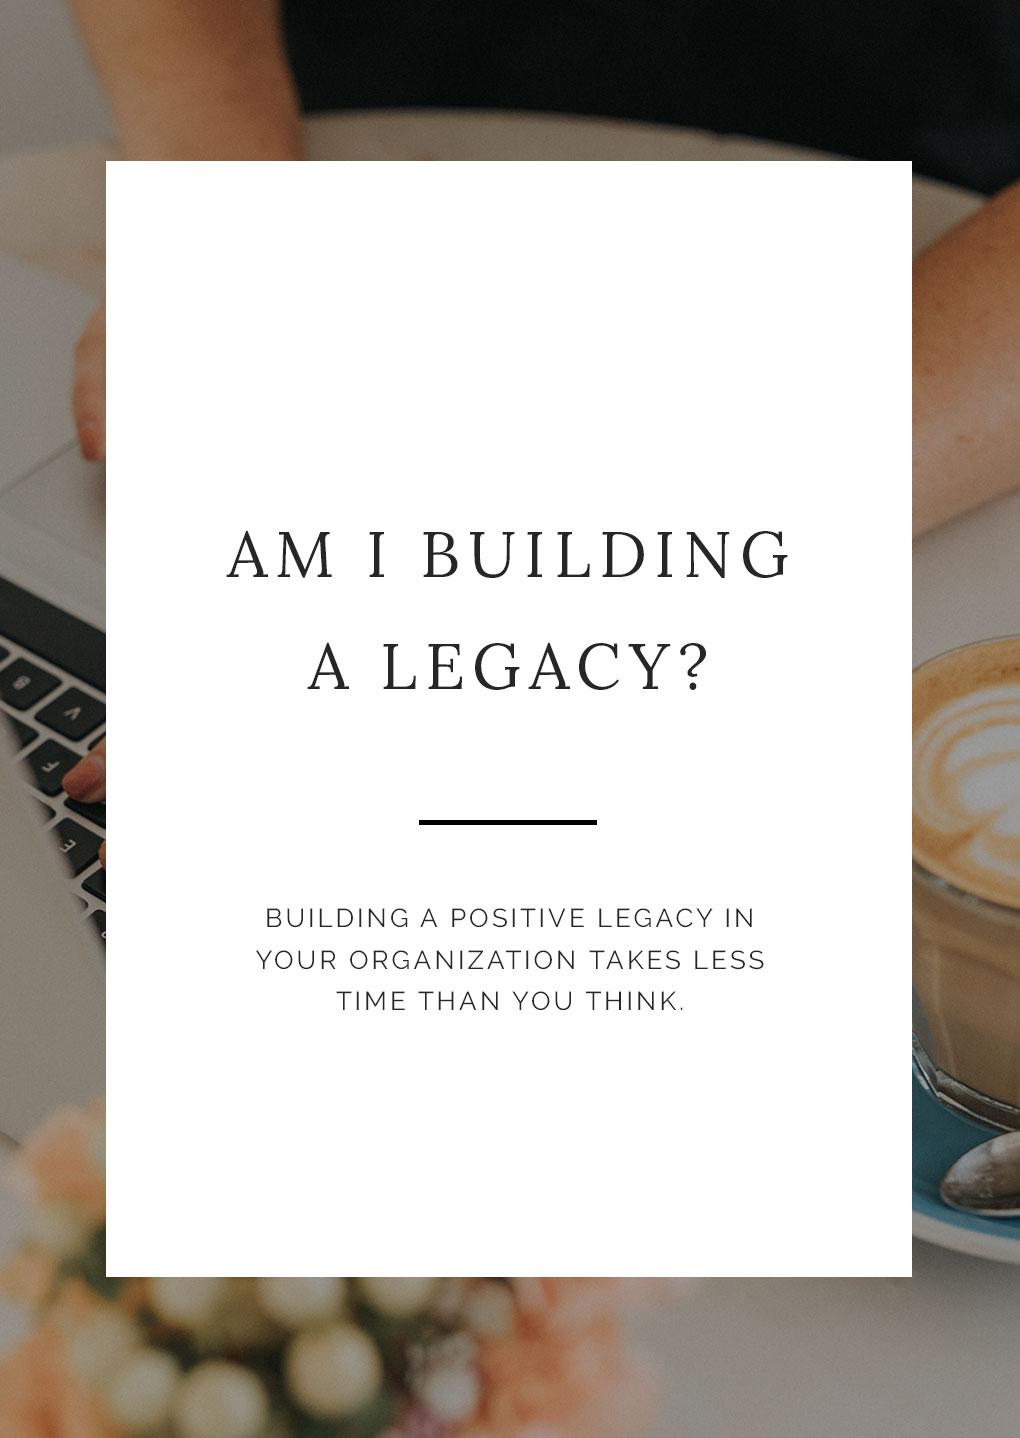 am-i-building-a-legacy.jpg